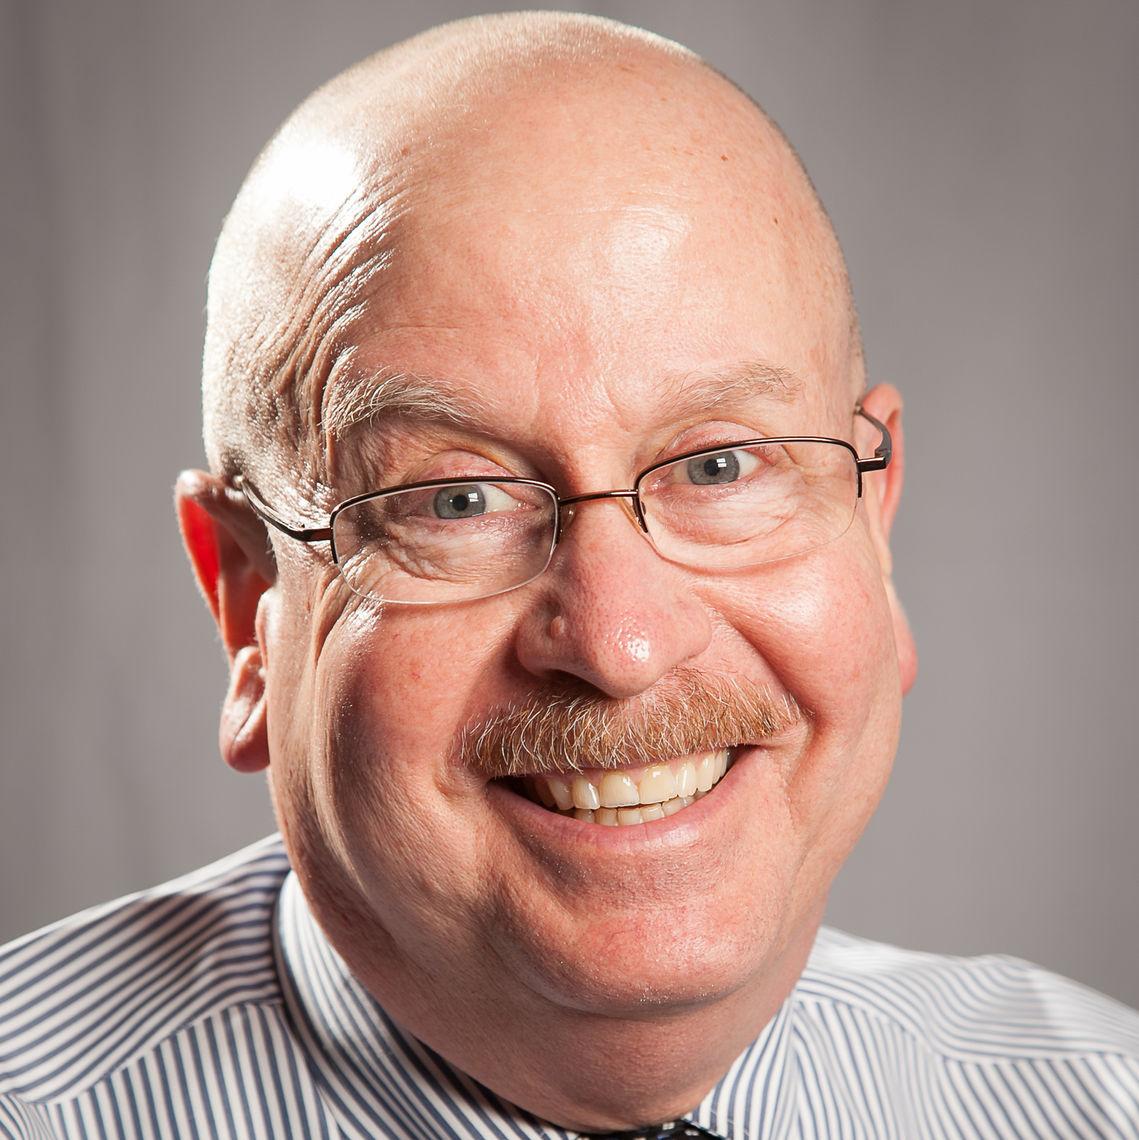 Mike Wetzel